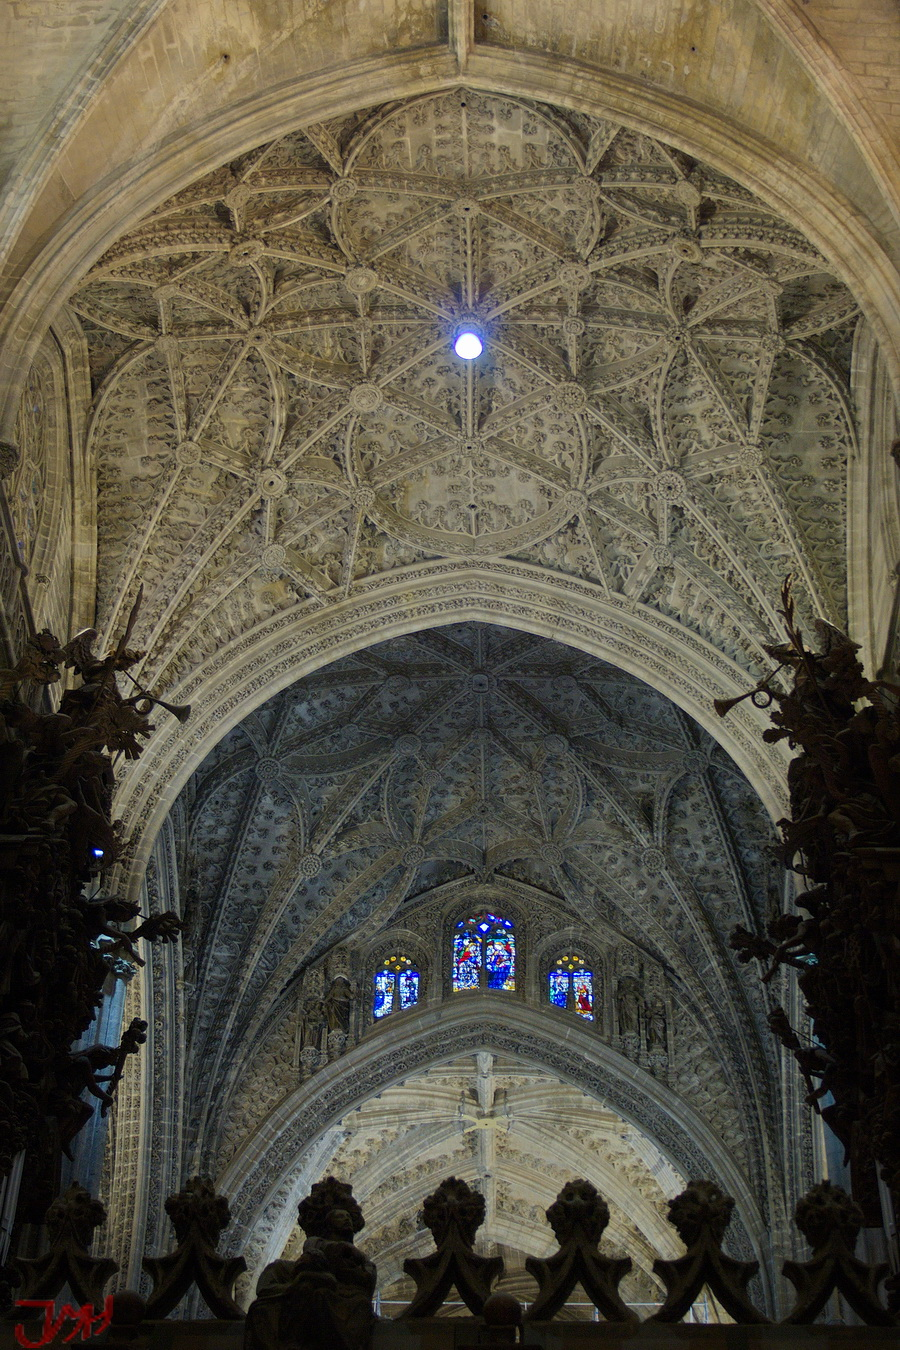 Disparando en los pedroches interior catedral de sevilla - Catedral de sevilla interior ...